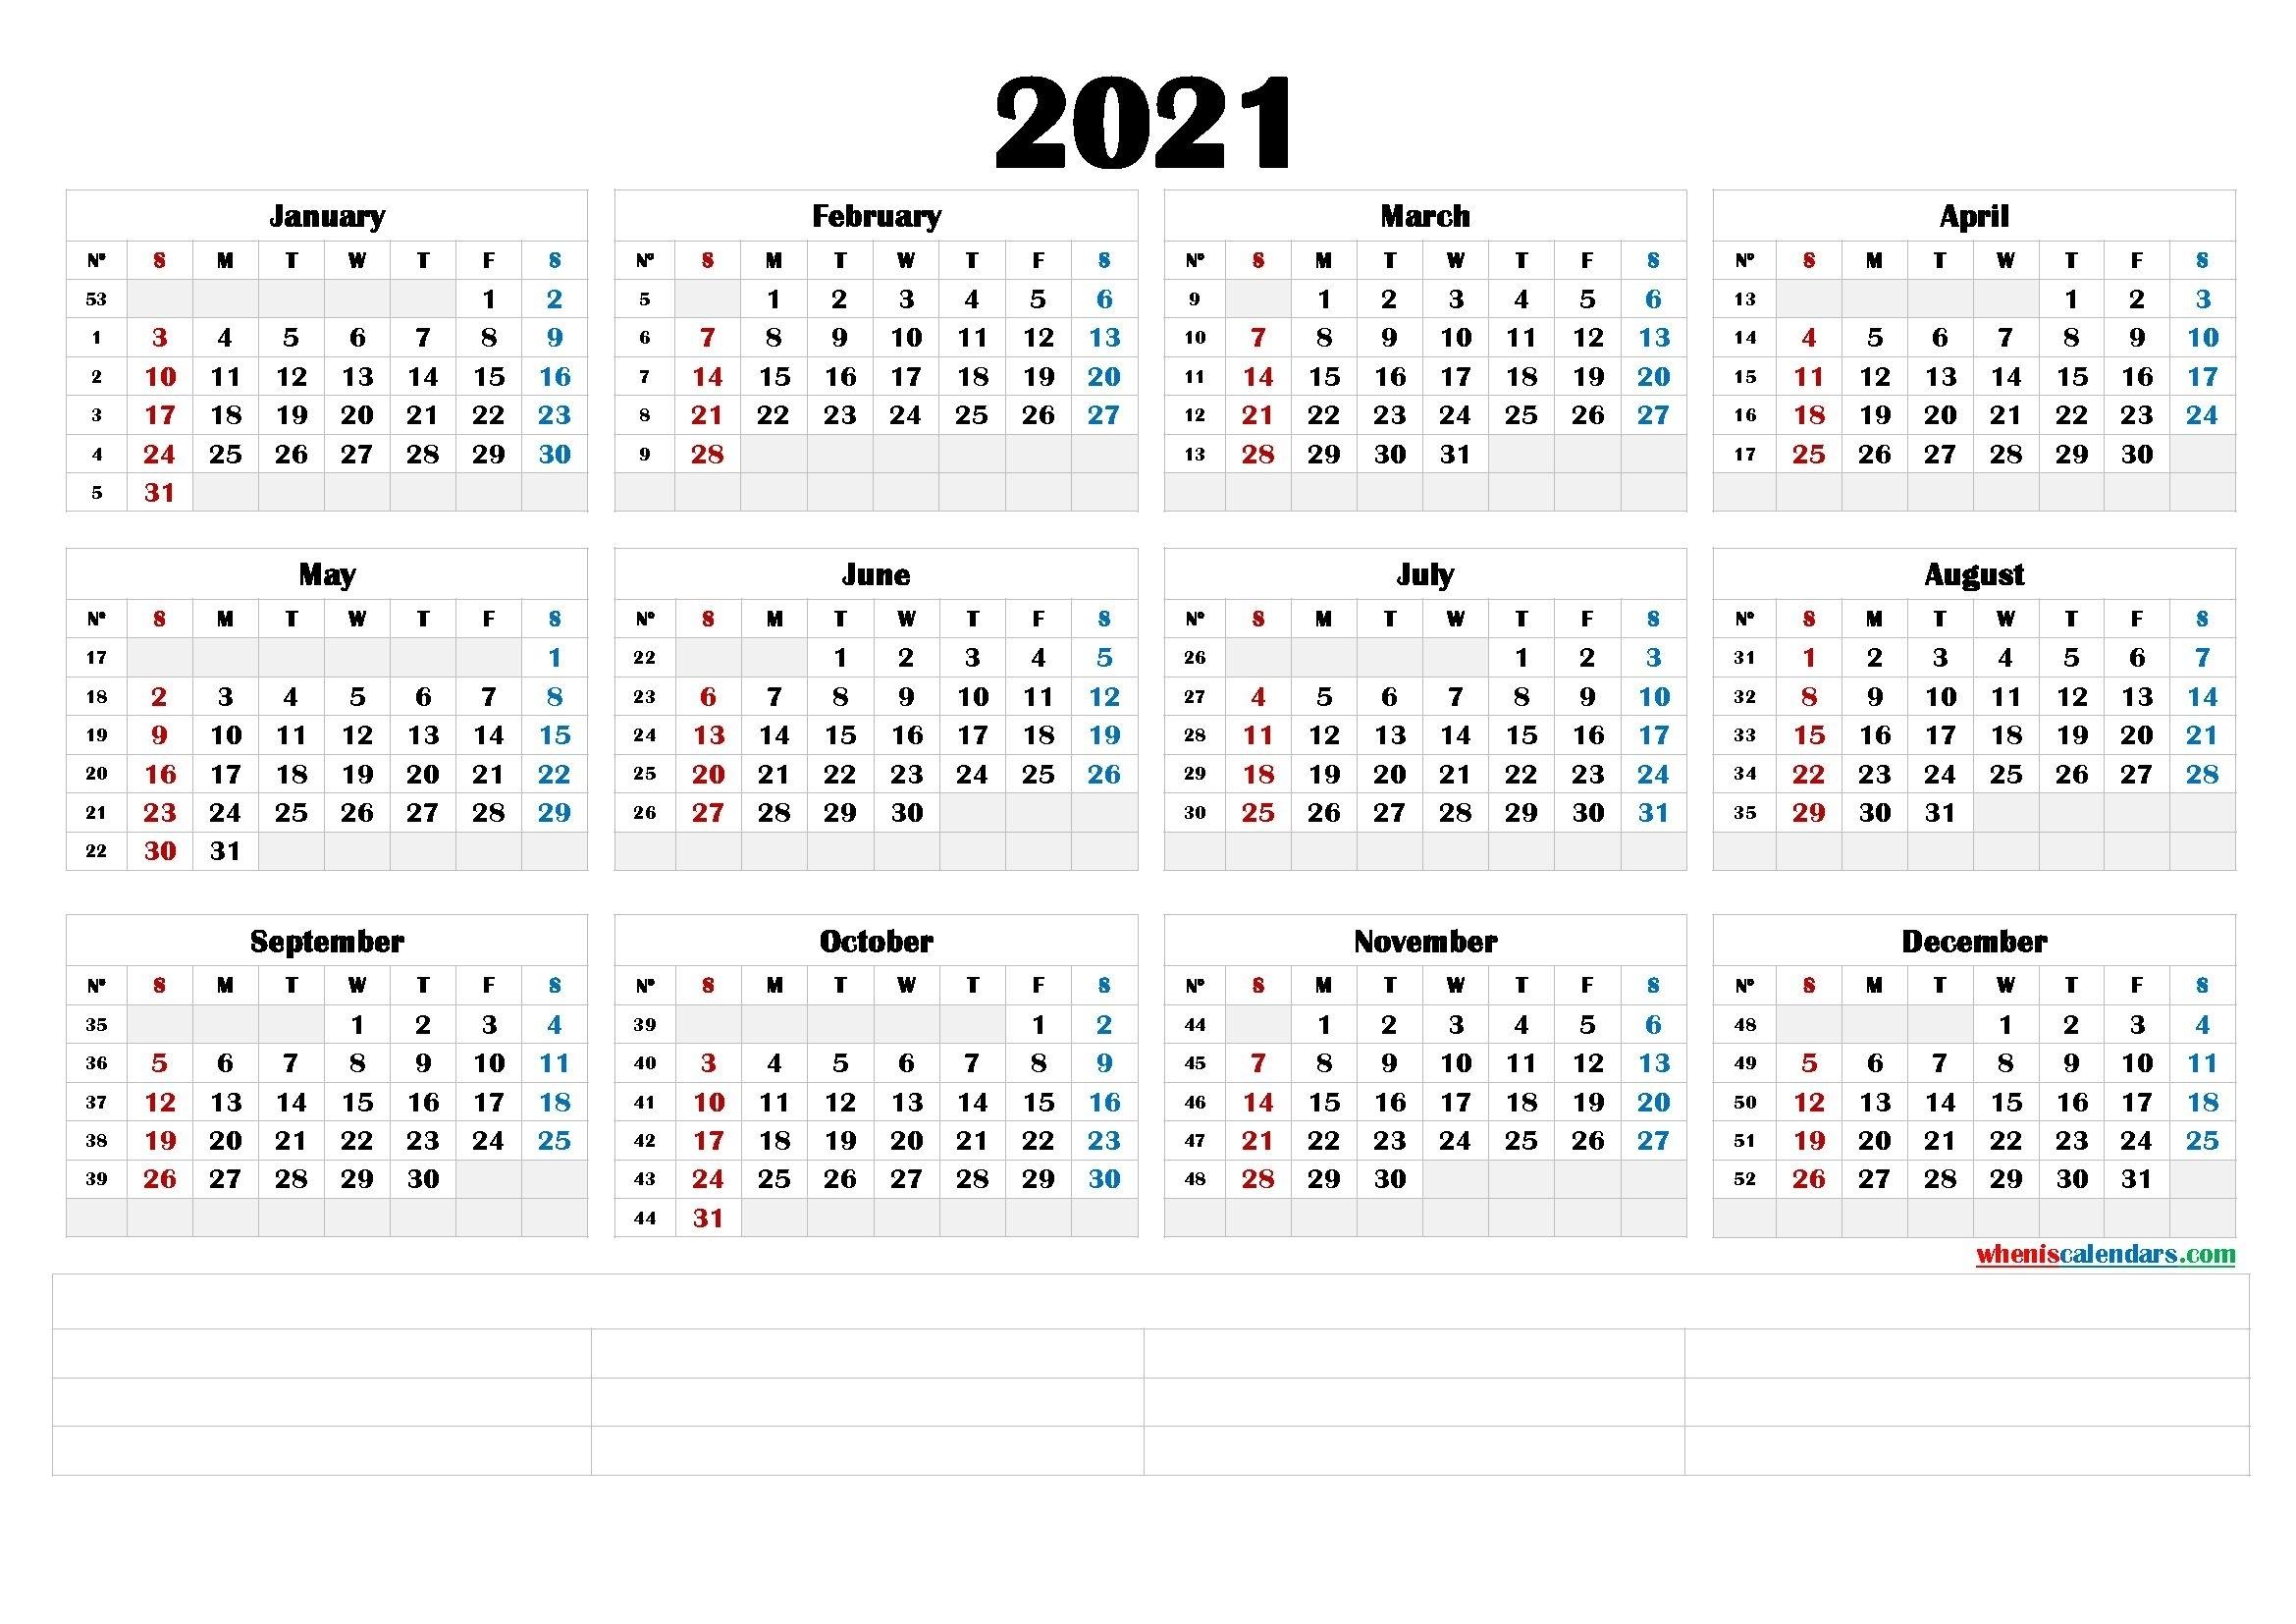 Get Week Wise 2021 Calendar